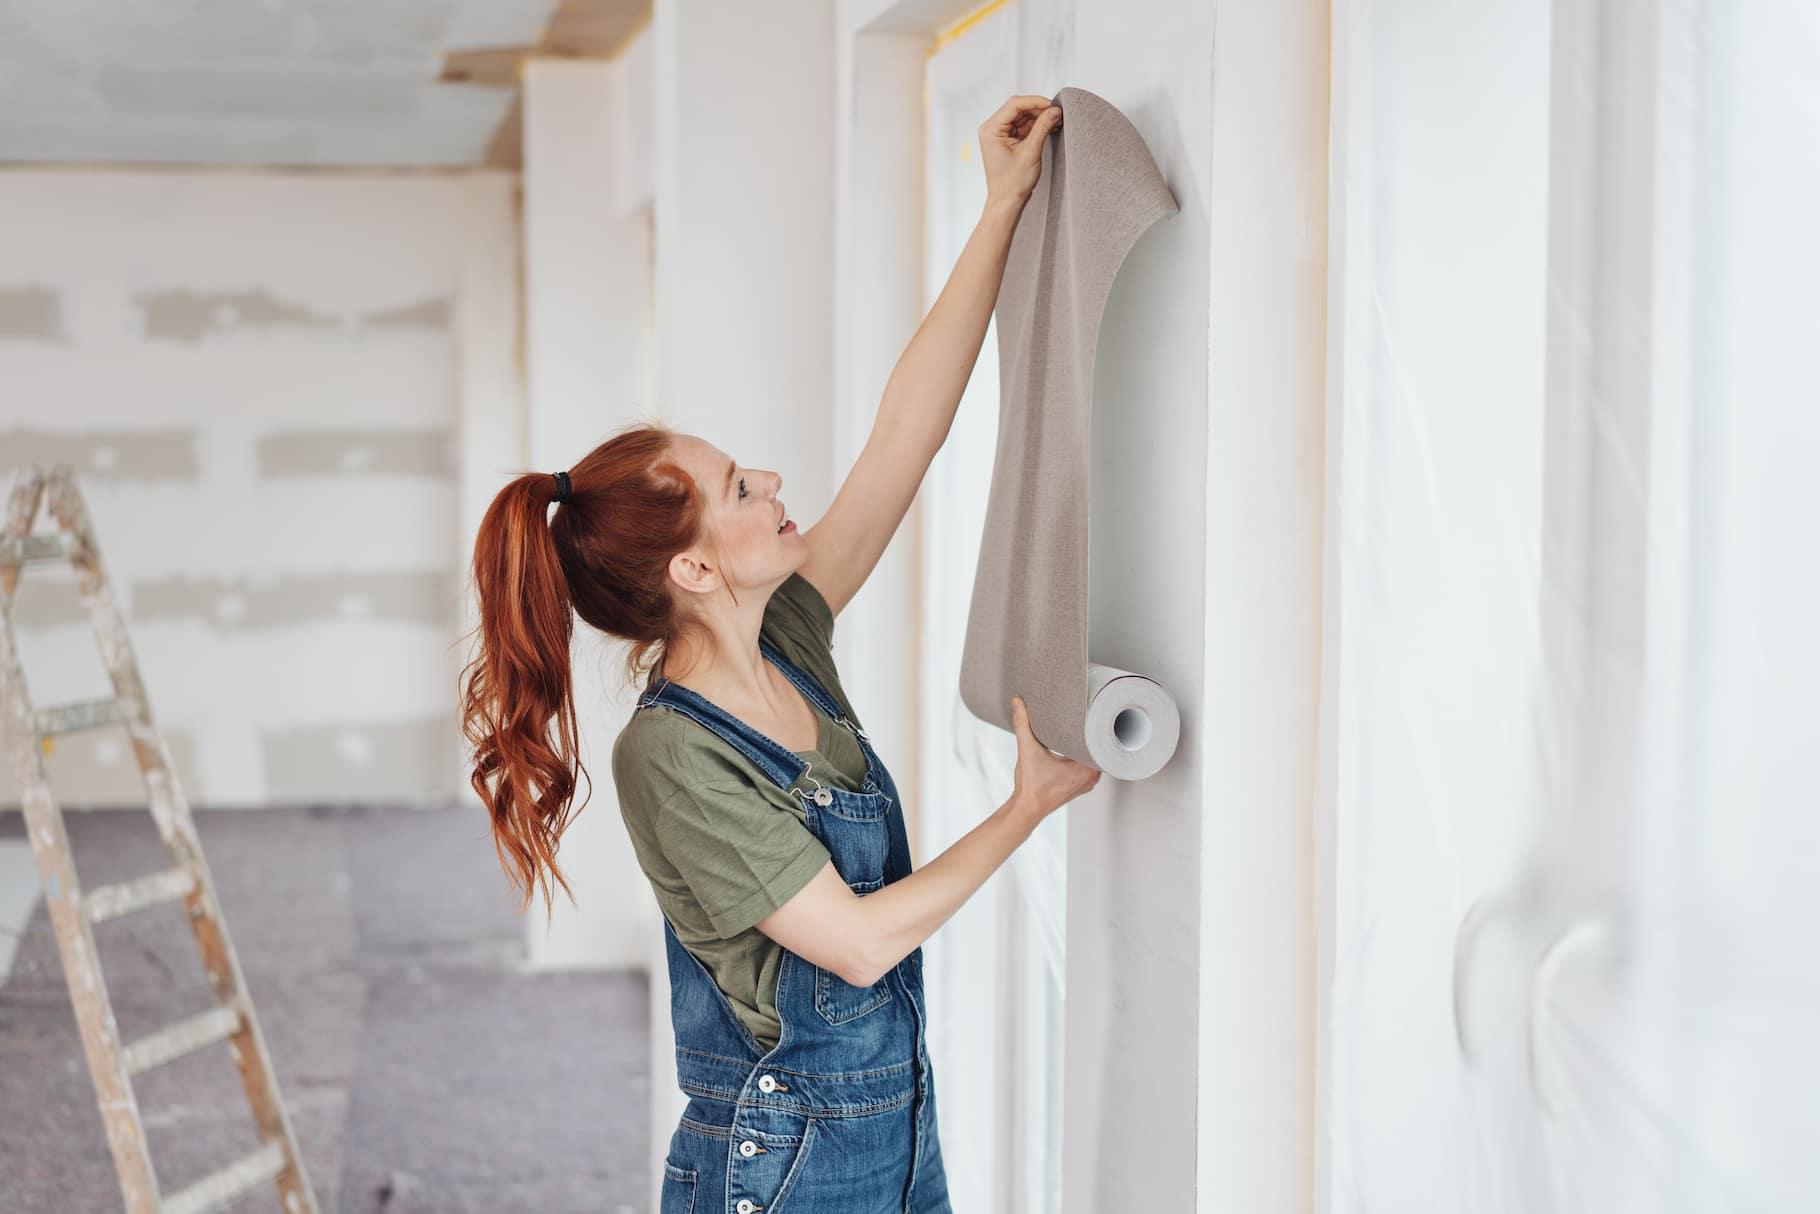 Tapety ścienne – jak prawidłowo kłaść na ścianę